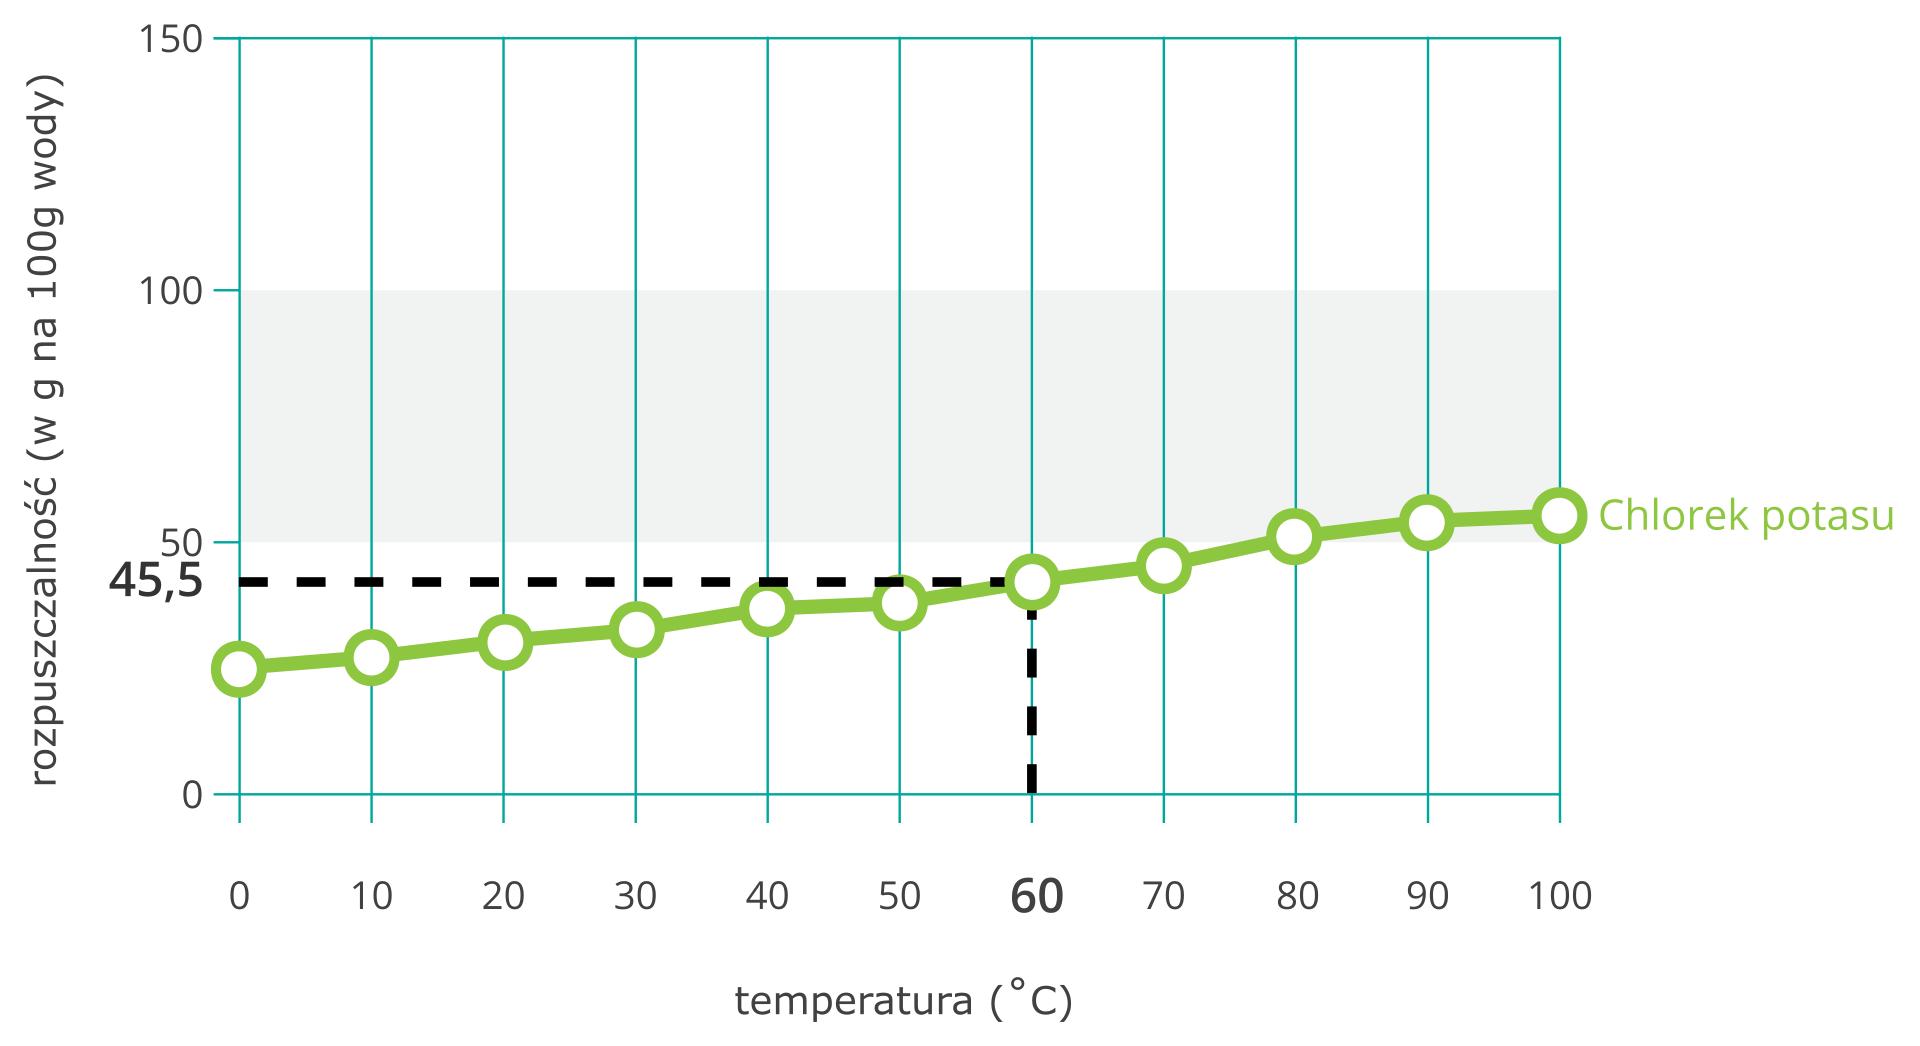 Ilustracja przedstawia wykres krzywej rozpuszczalności chlorku potasu wwodzie zwyróżnionym za pomocą za pomocą dwóch czarnych przerywanych kresek, pionowej ipoziomej, rozpuszczalności dla sześćdziesięciu stopni Celsjusza. Podana jest też dokładna liczbowa wartość 45,5 gramów. Sama krzywa rozpoczyna się wwartości około dwudziestu pięciu gramów na sto gramów wody dla temperatury zero stopni Celsjusza, akończy na około pięćdziesięciu pięciu gramach na sto gramów wody przy stu stopniach Celsjusza. Przyrost jest wprzybliżeniu jednostajny.